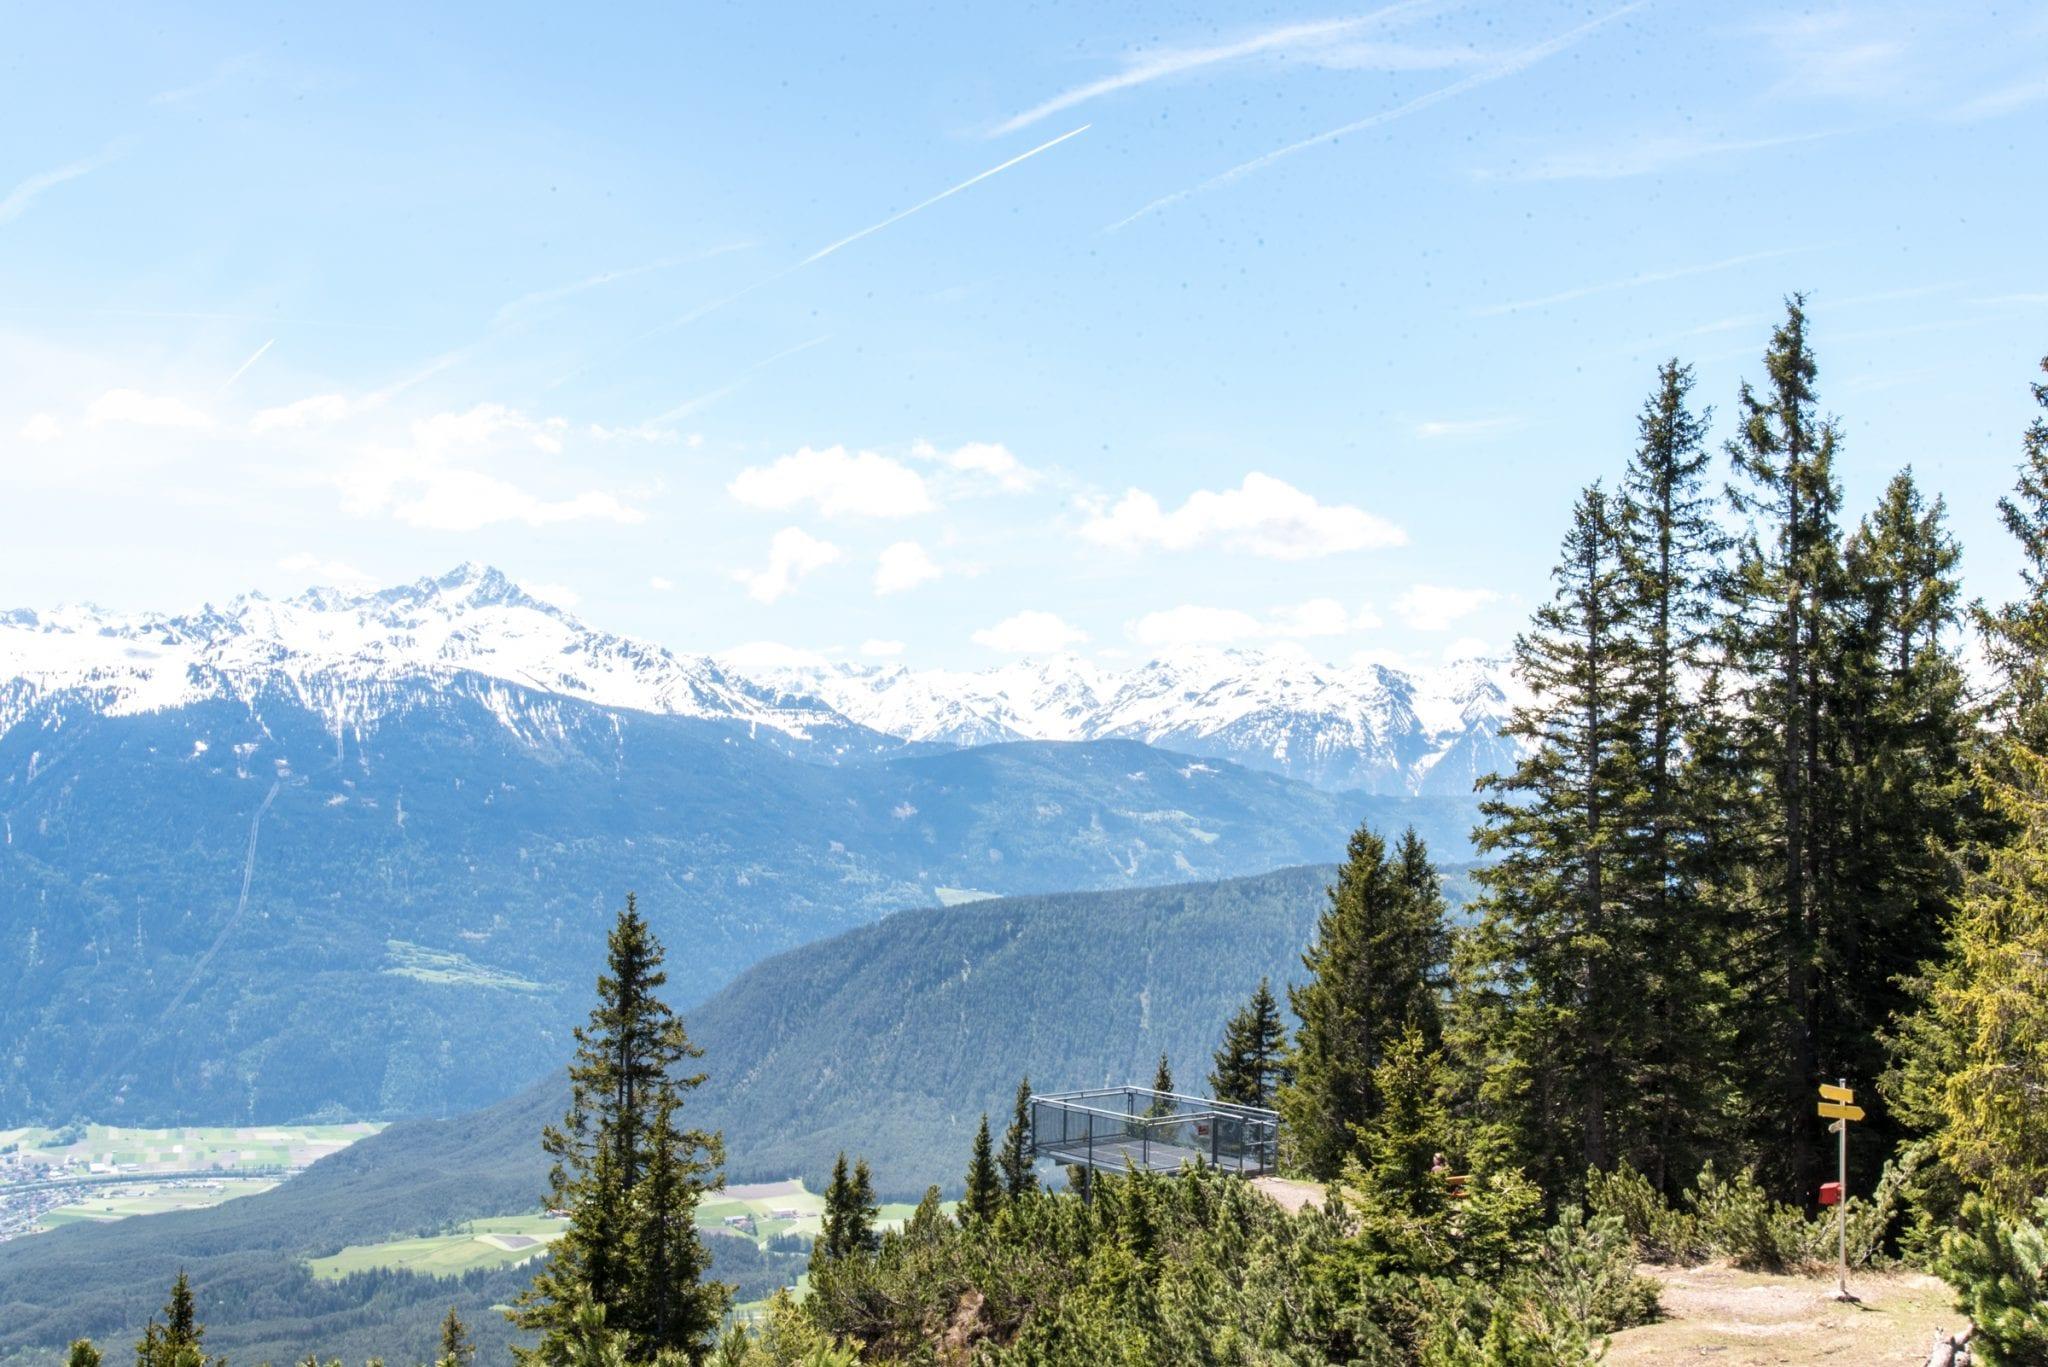 Obsteig Uitzichtpunt Innsbruck Trek